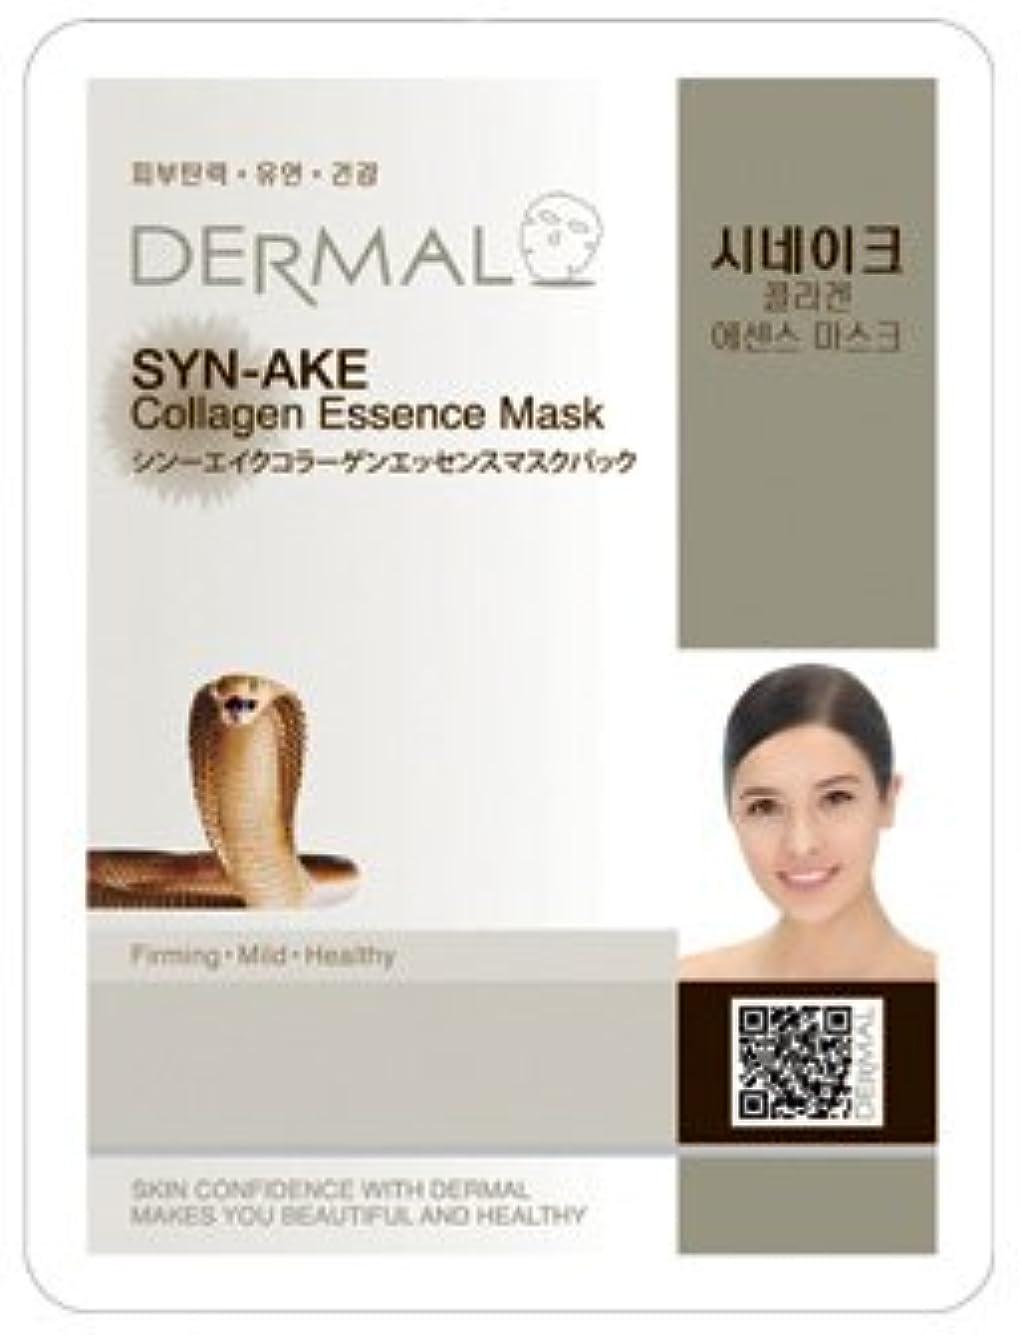 欠乏概要適応蛇毒シートマスク(フェイスパック) シンエイク 10枚セット ダーマル(Dermal)